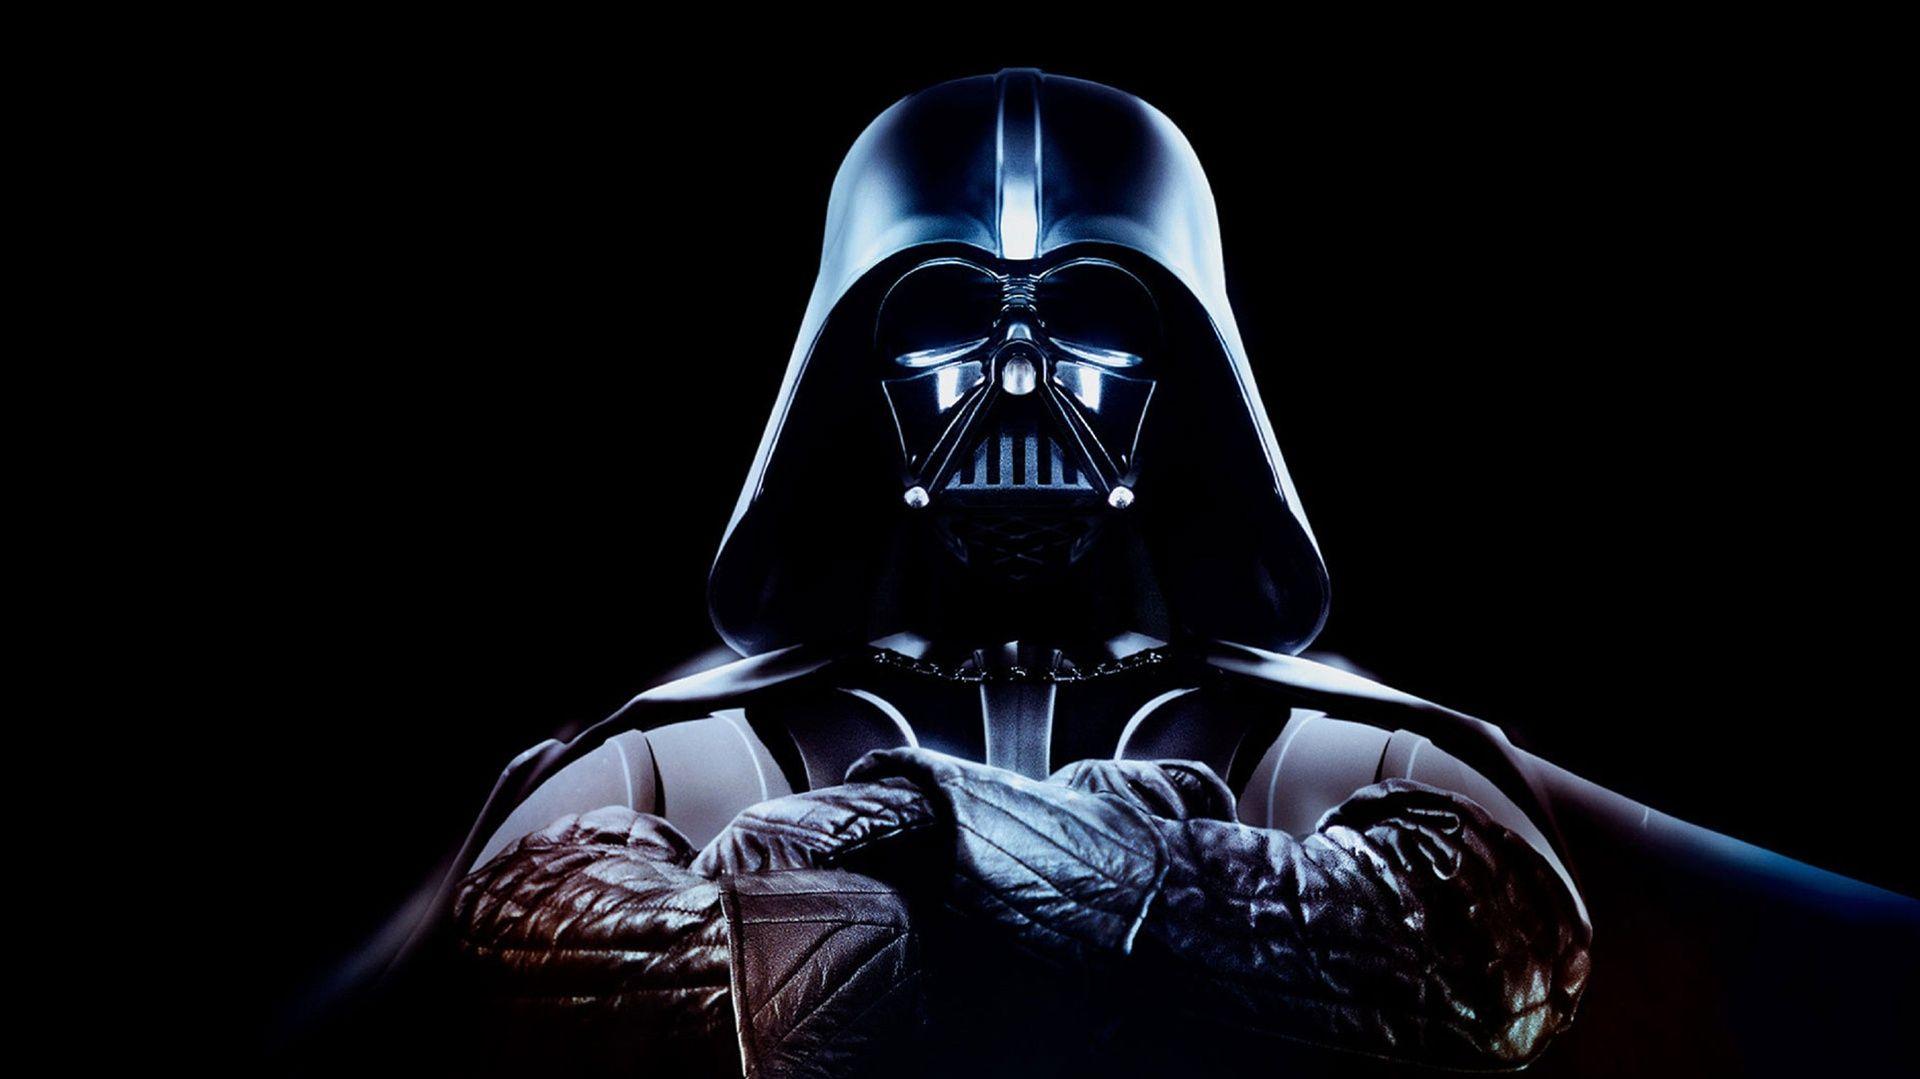 Star wars dark vador figure incontournable de la pop culture - Photo dark vador ...